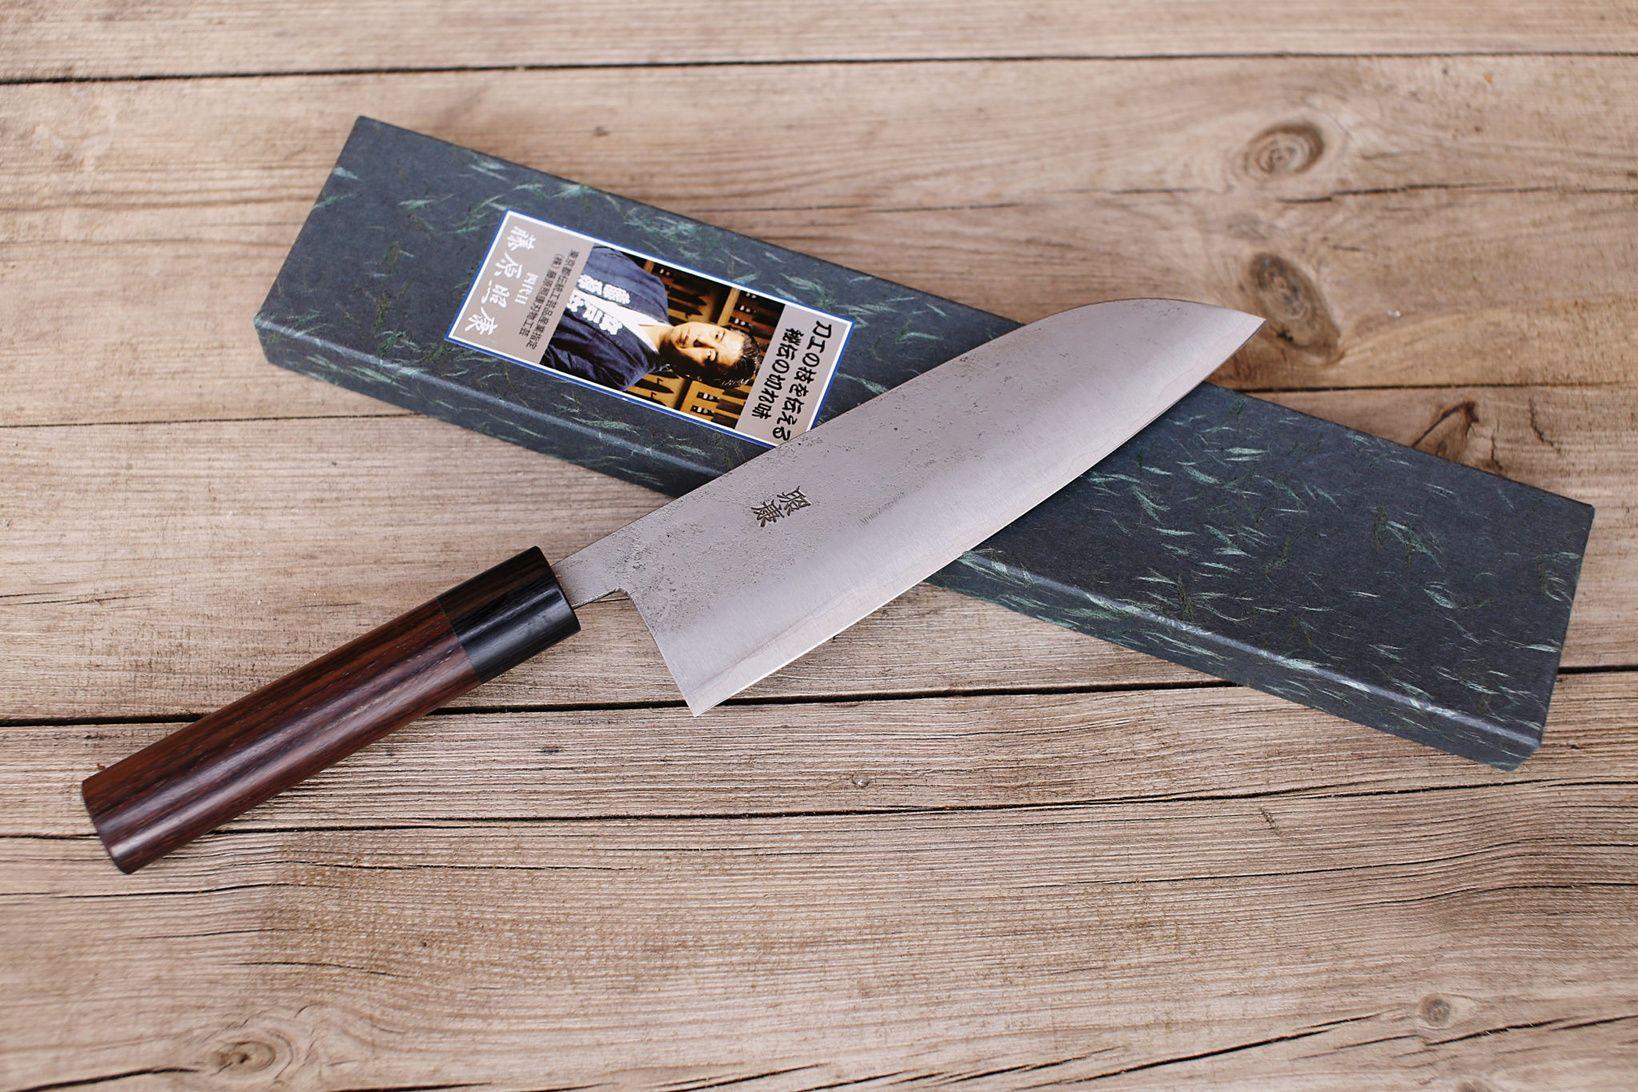 Niedlich Japanische Küchenmesser Gesetzt Uk Fotos - Küchenschrank ...